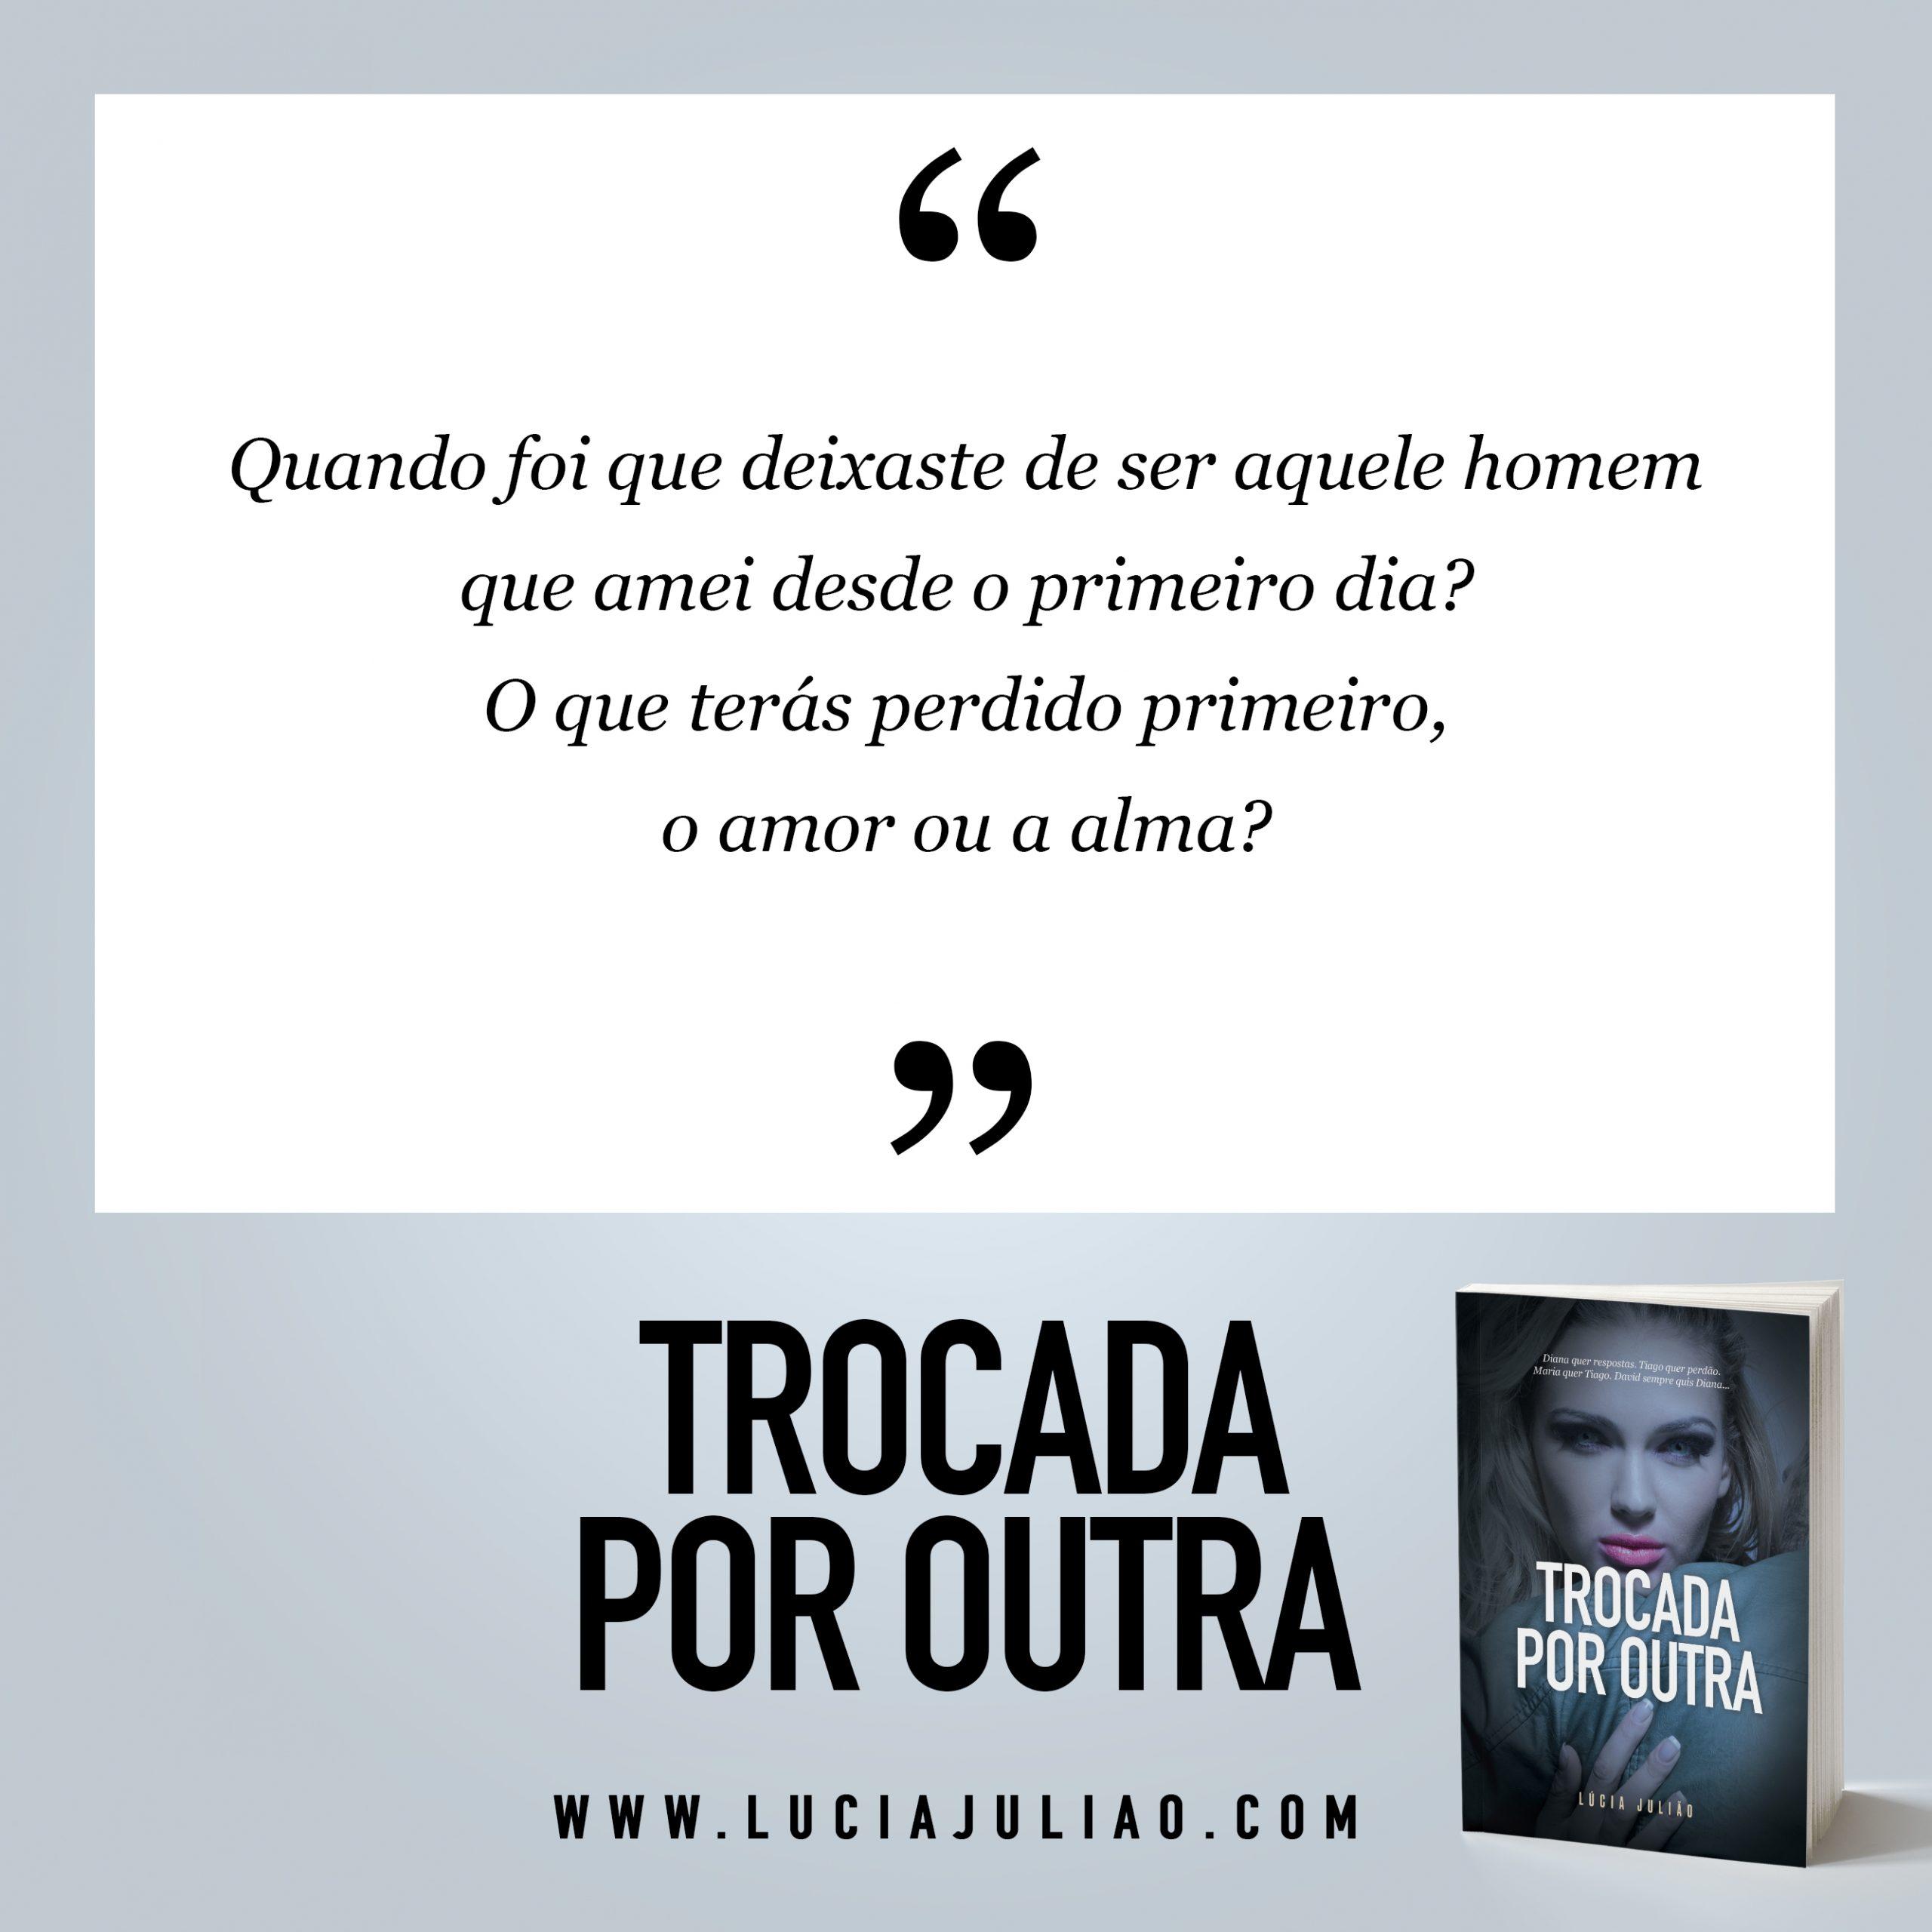 032Q - capitulo 9 Trocada por outra - Lúcia Julião